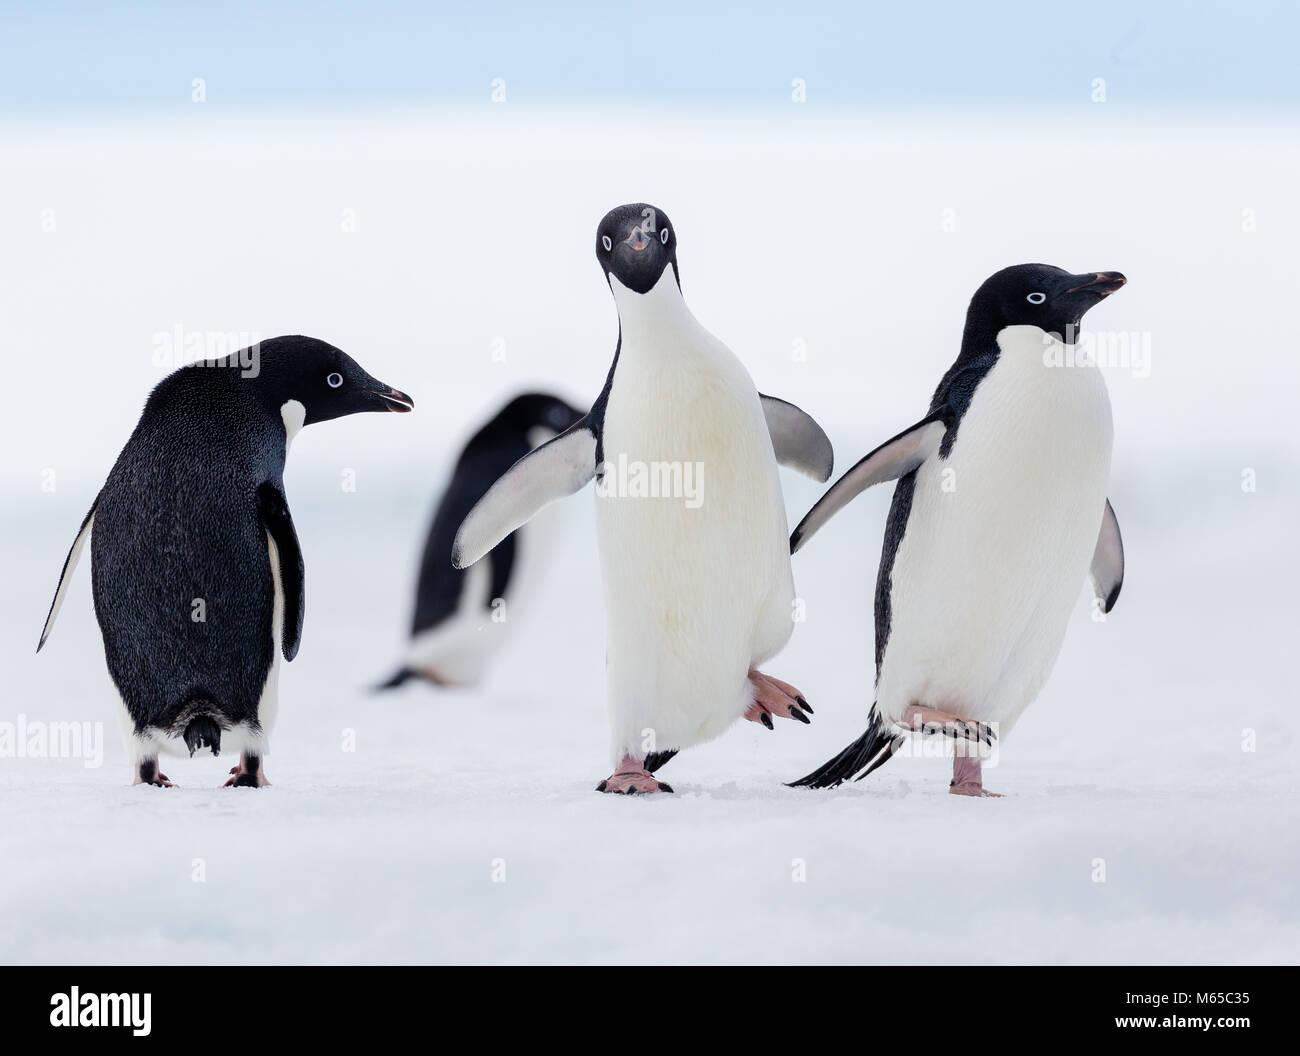 Un grupo de pingüinos Adelia que camina en un flujo de hielo frente a la costa de la isla Joinville en Antarctic Imagen De Stock